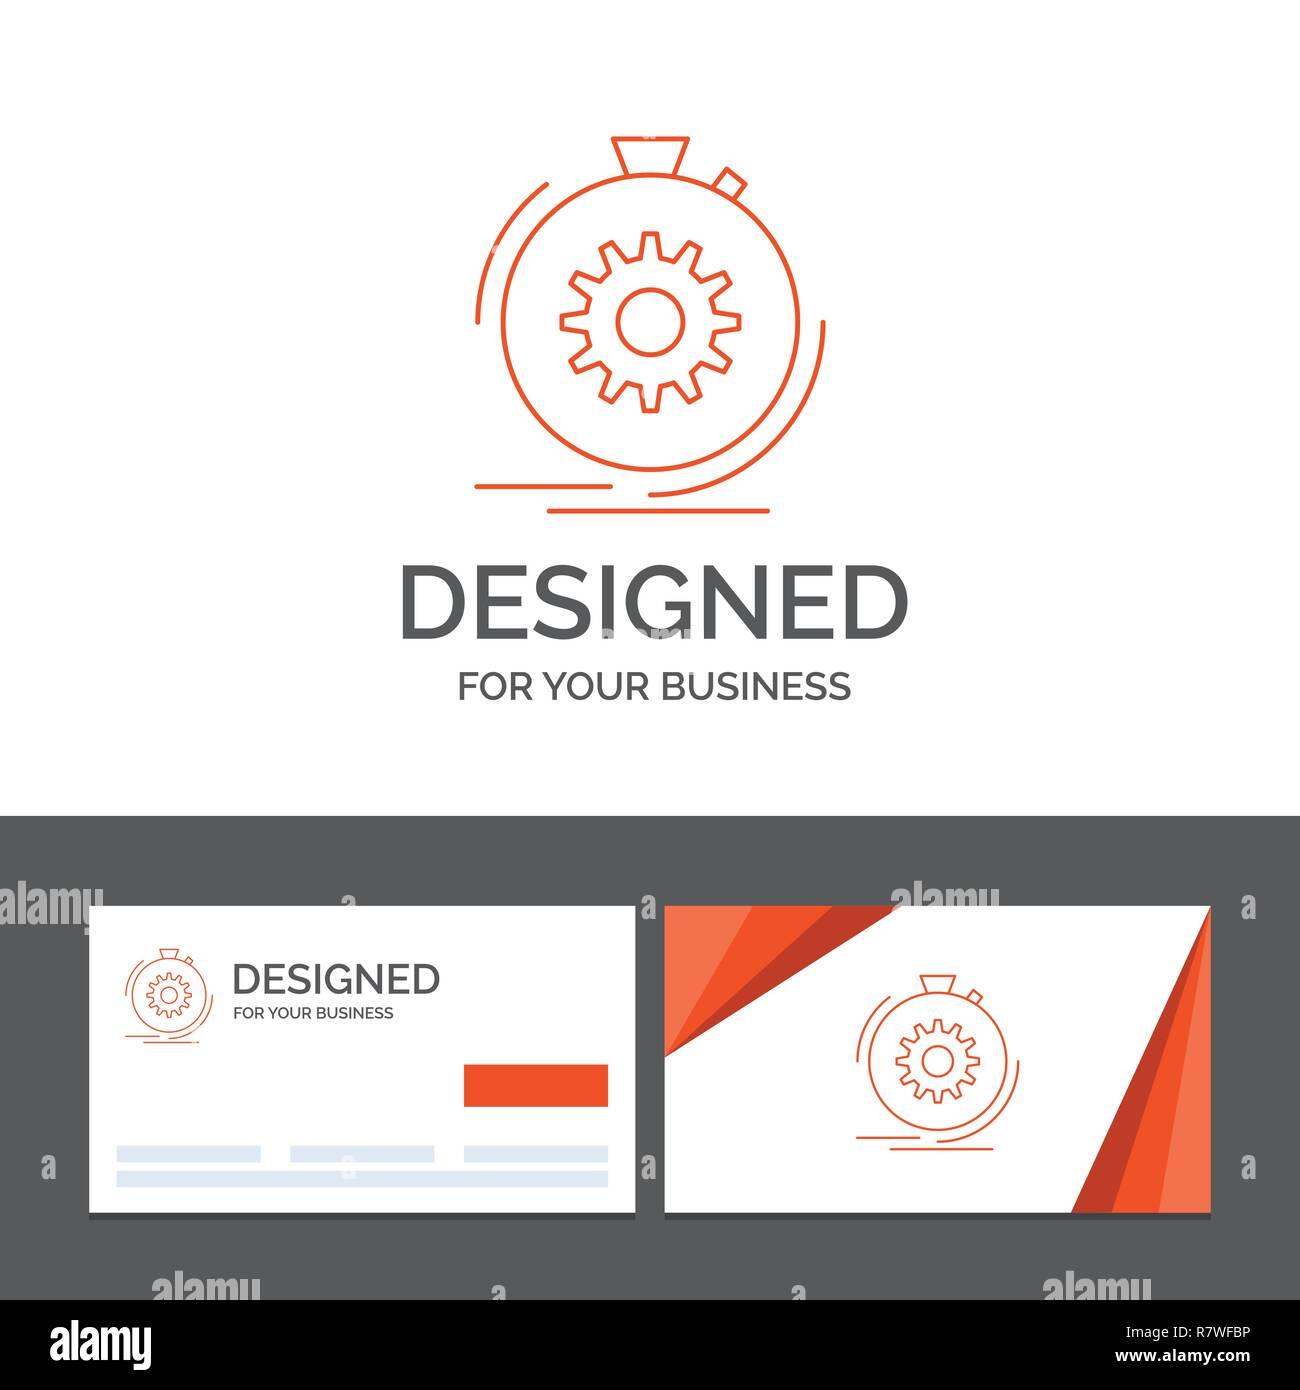 Modele De Logo Dentreprise Pour Laction Rapide Performance Processus La Vitesse Cartes Visite Orange Avec Marque Template